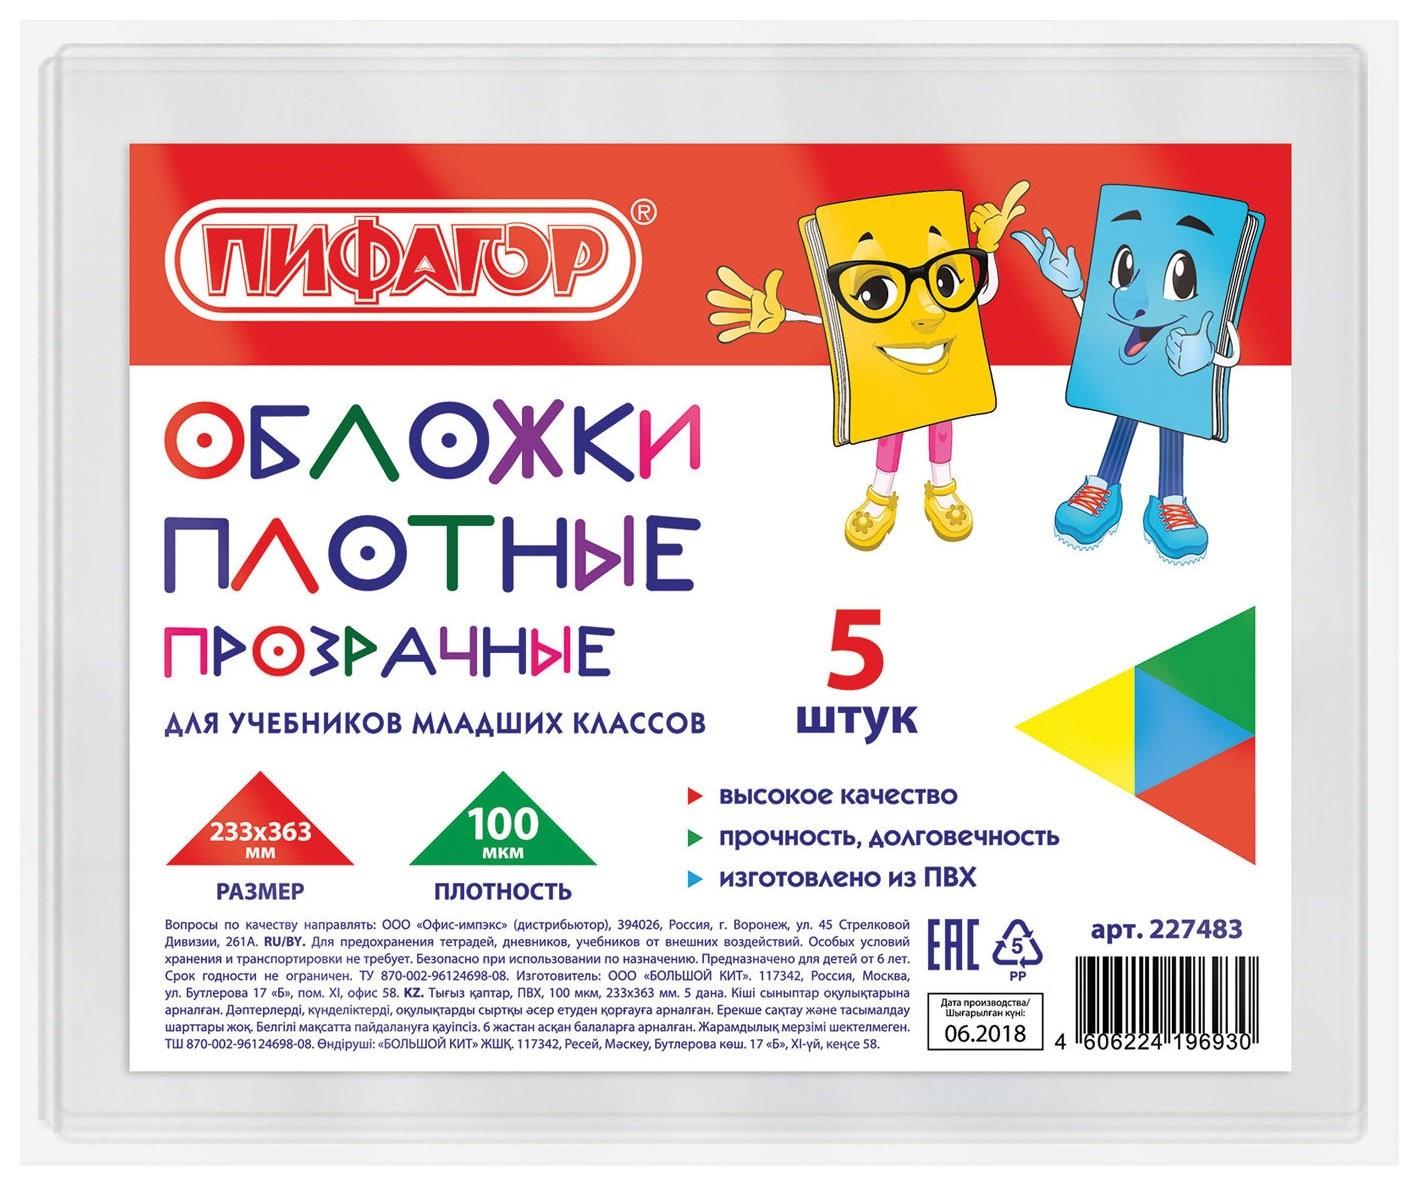 Обложки пвх для учебников младших классов комплект 5 шт., прозрачные, плотные, 100 мкм, 233х363 мм  Пифагор